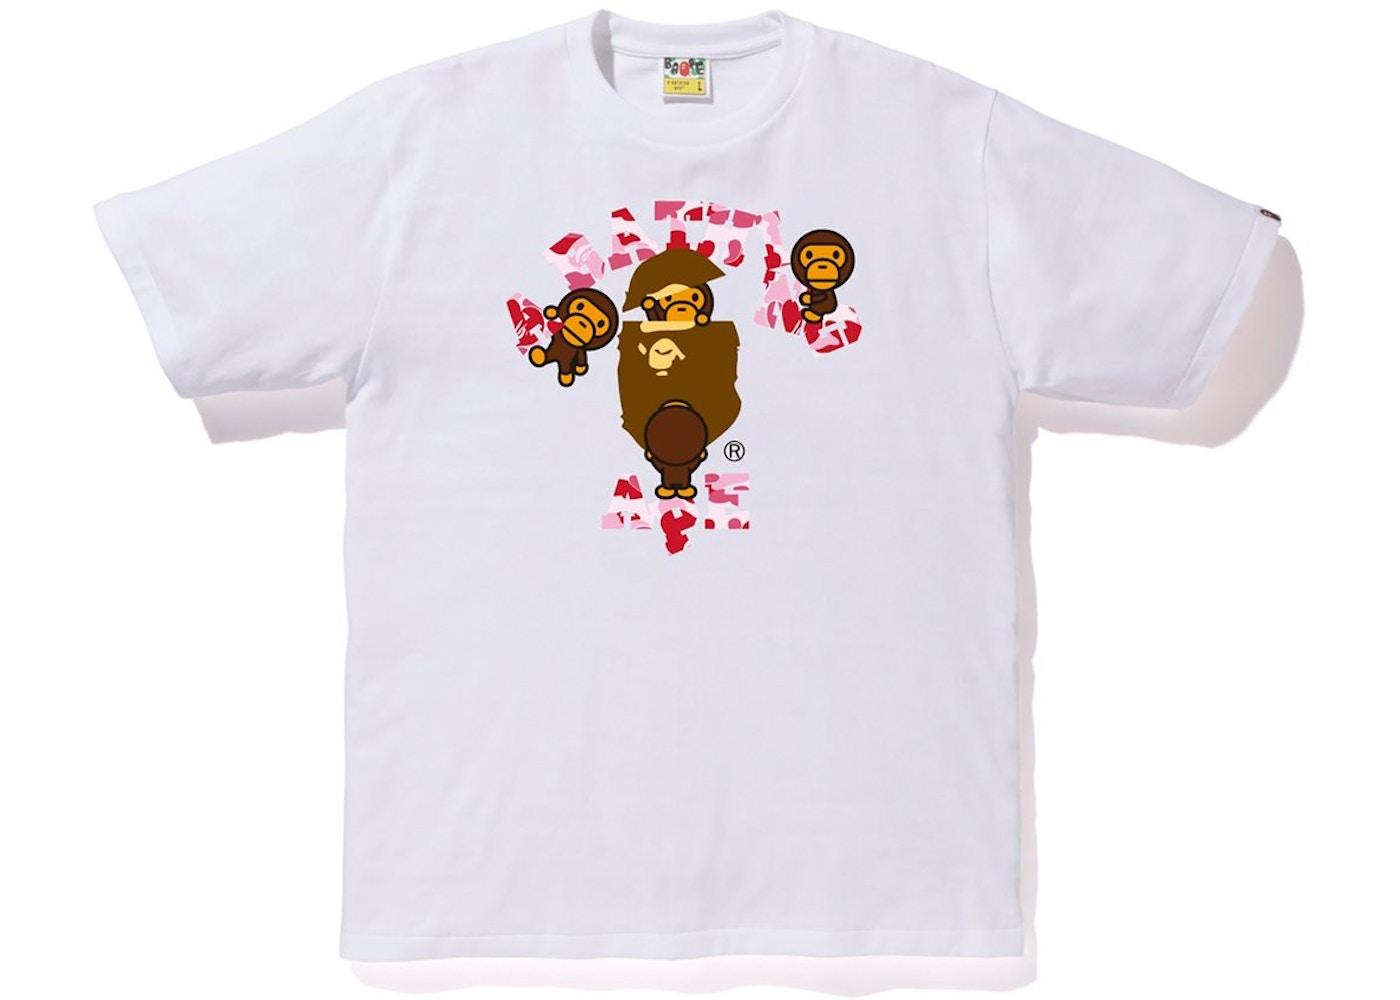 249832a44 Buy & Sell Bape Streetwear